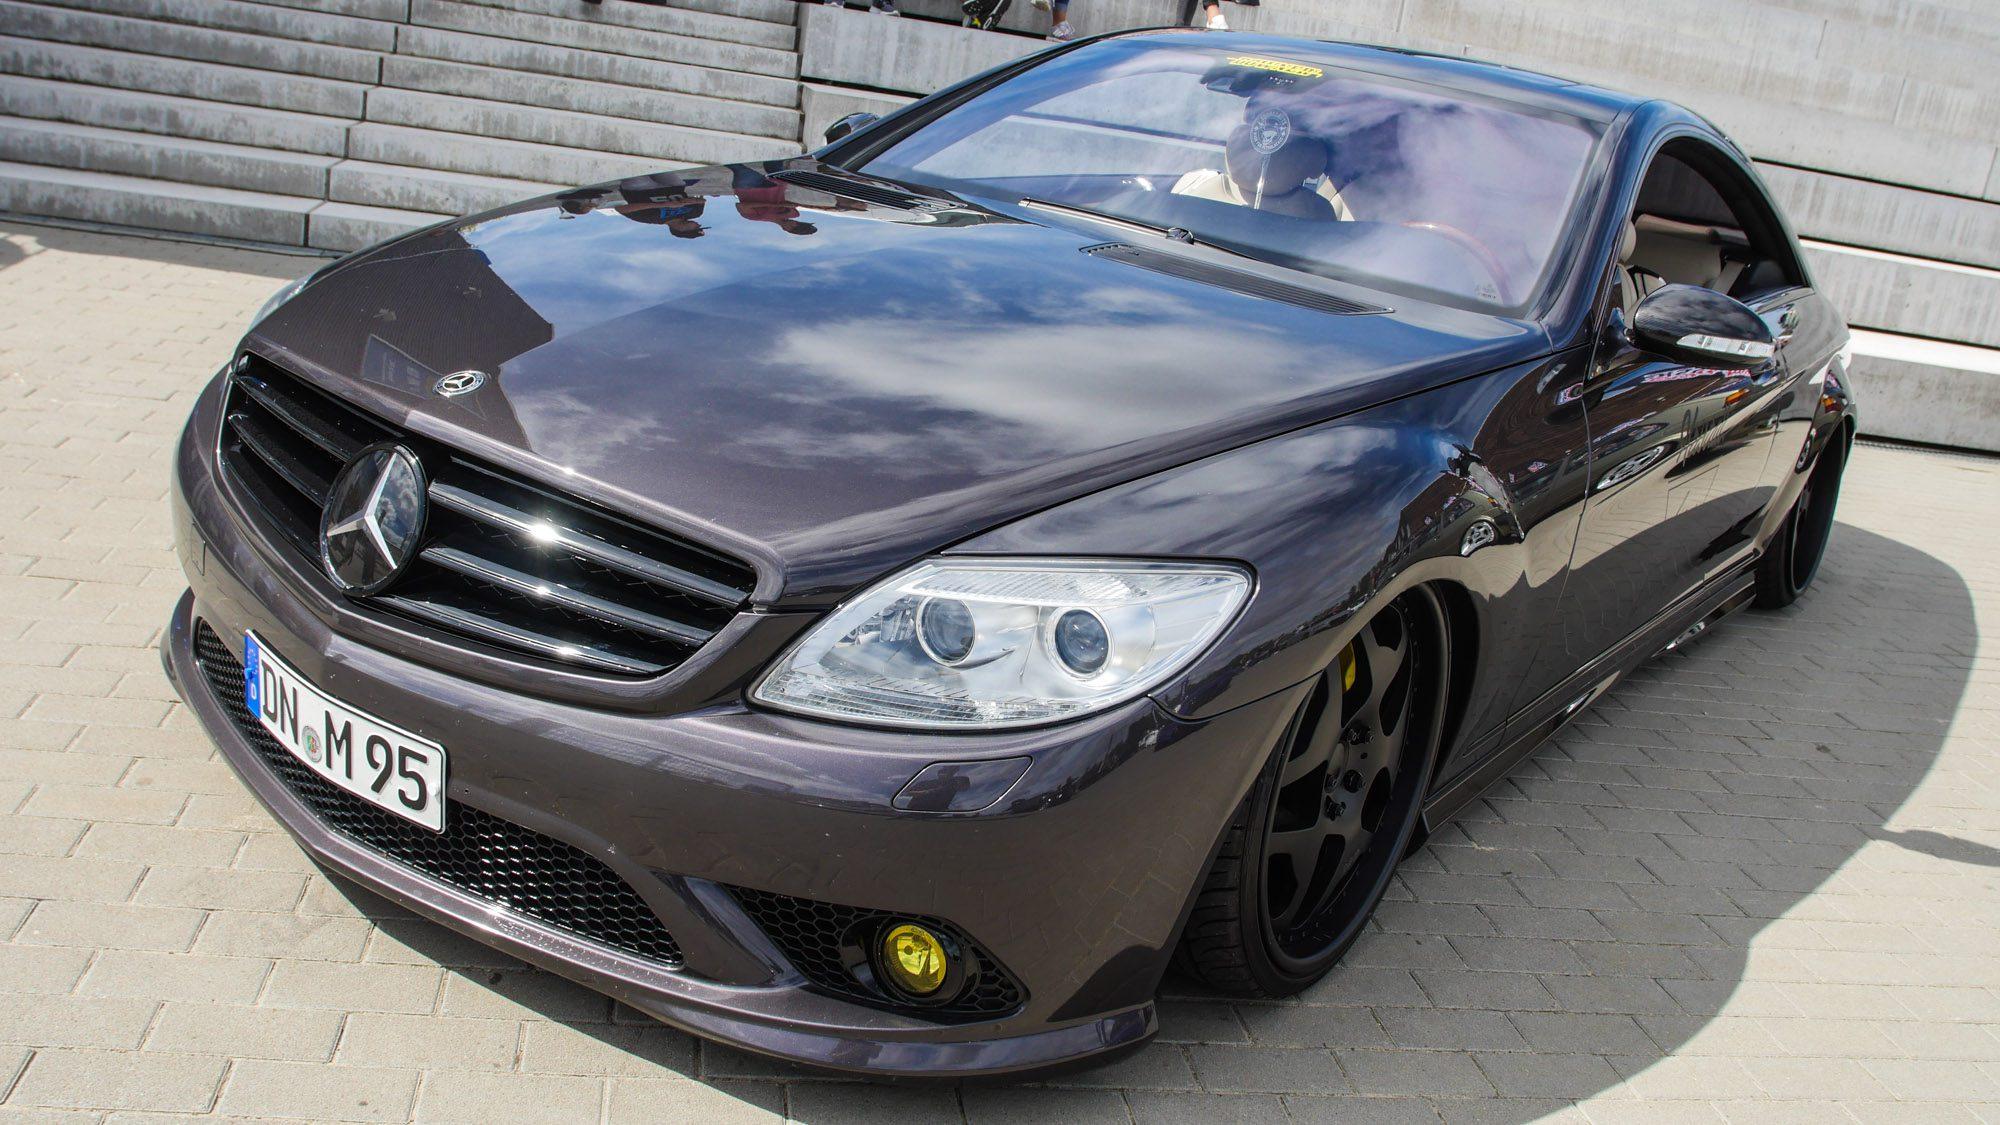 Frontansicht des Mercedes CL500